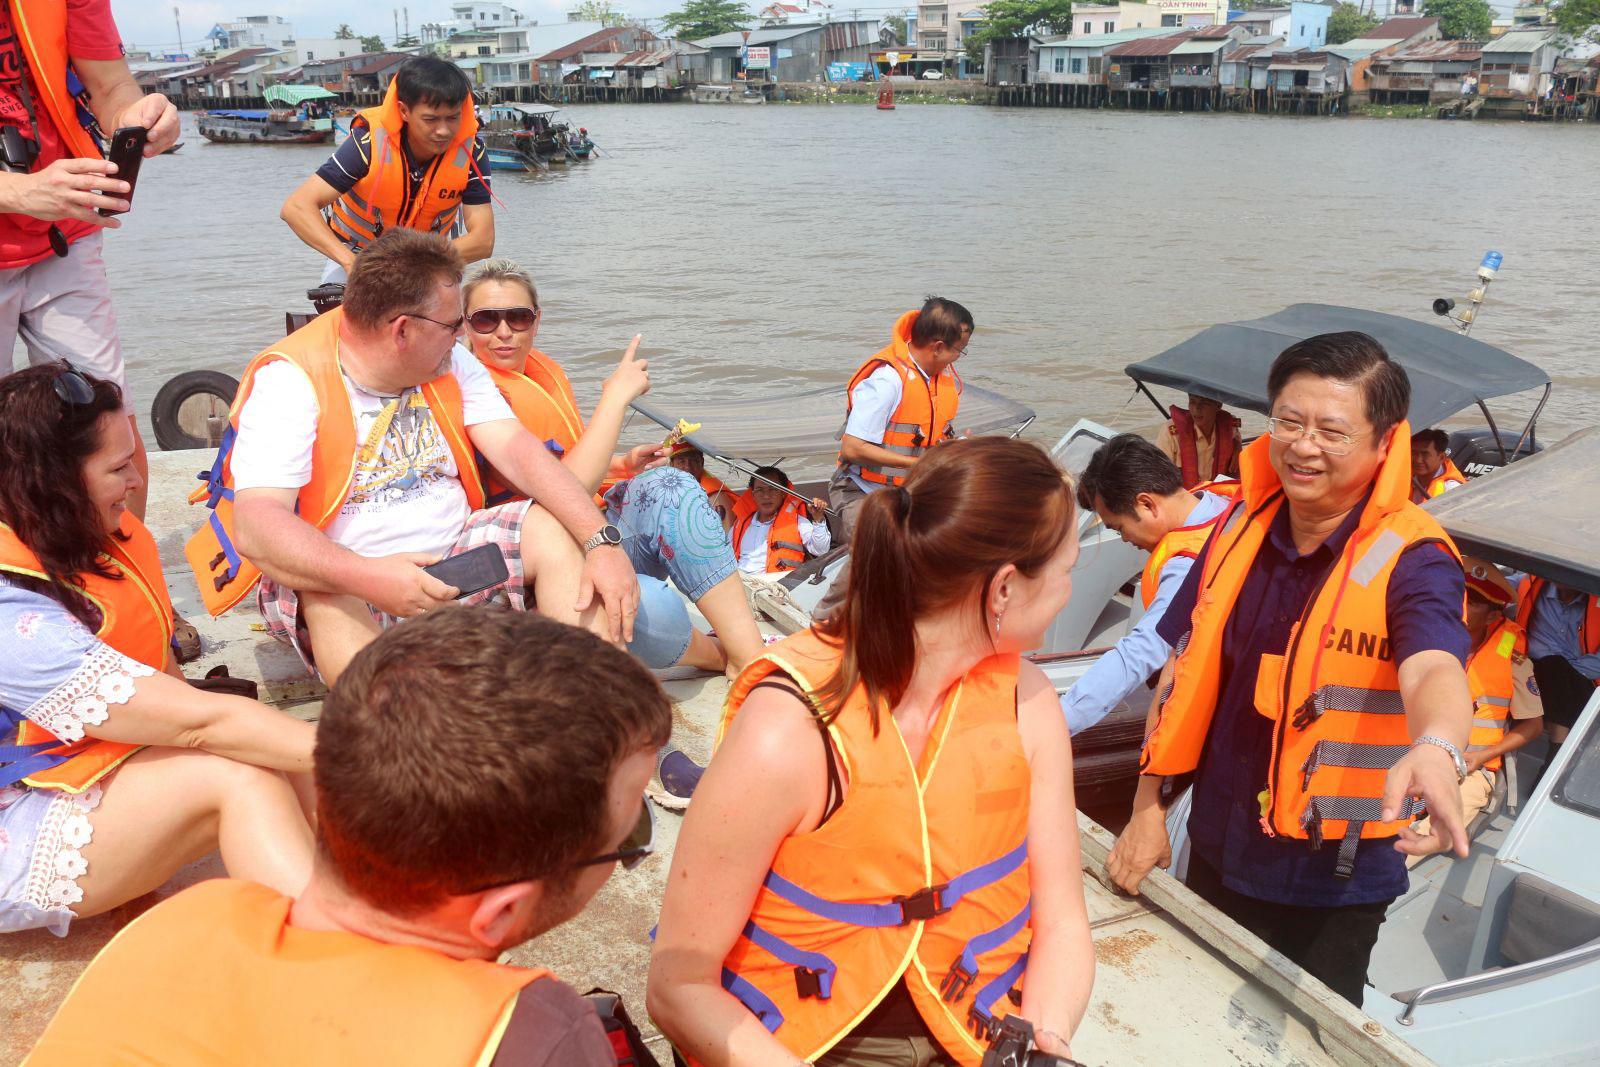 Ông Trương Quang Hoài Nam (bìa phải), Phó Chủ tịch UBND TP Cần Thơ, khảo sát tại chợ nổi Cái Răng. Ảnh: KIỀU MAI